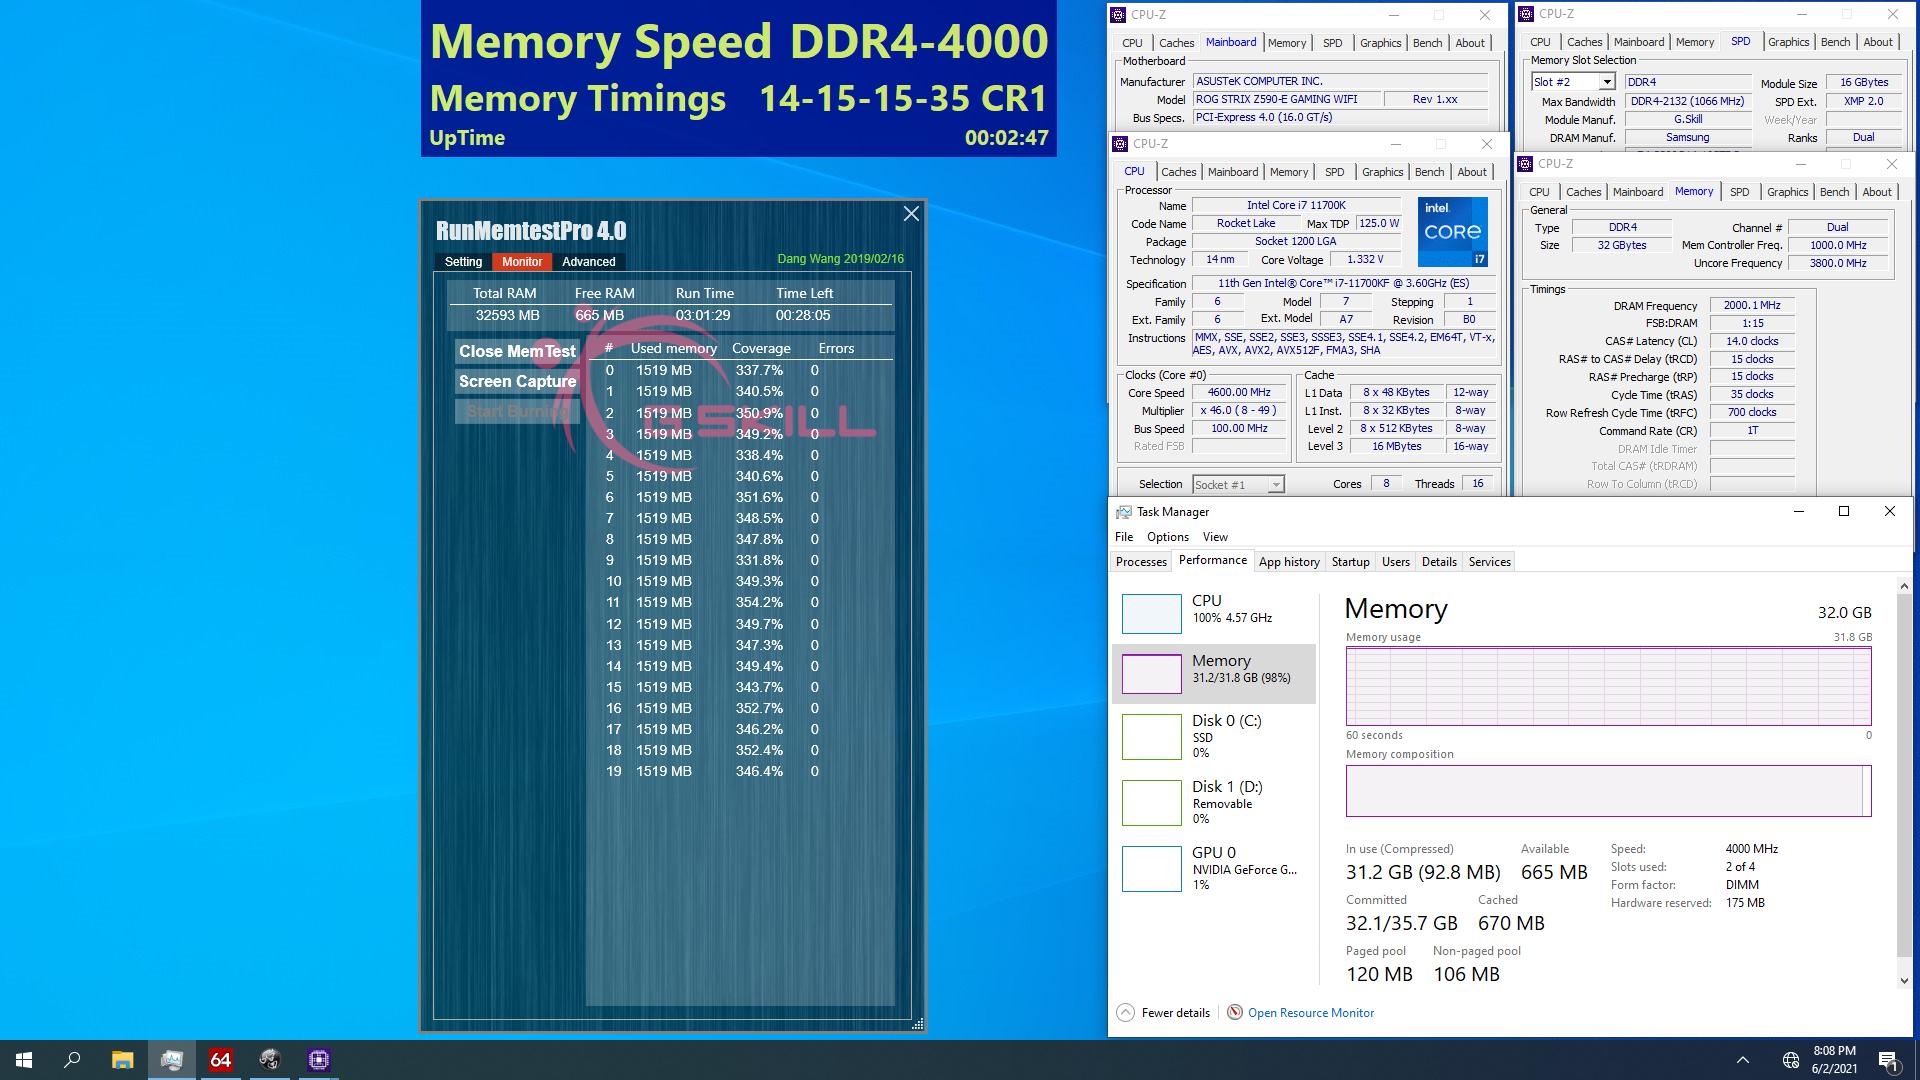 02-royal-elite-ddr4-4000-cl14-screenshot.png